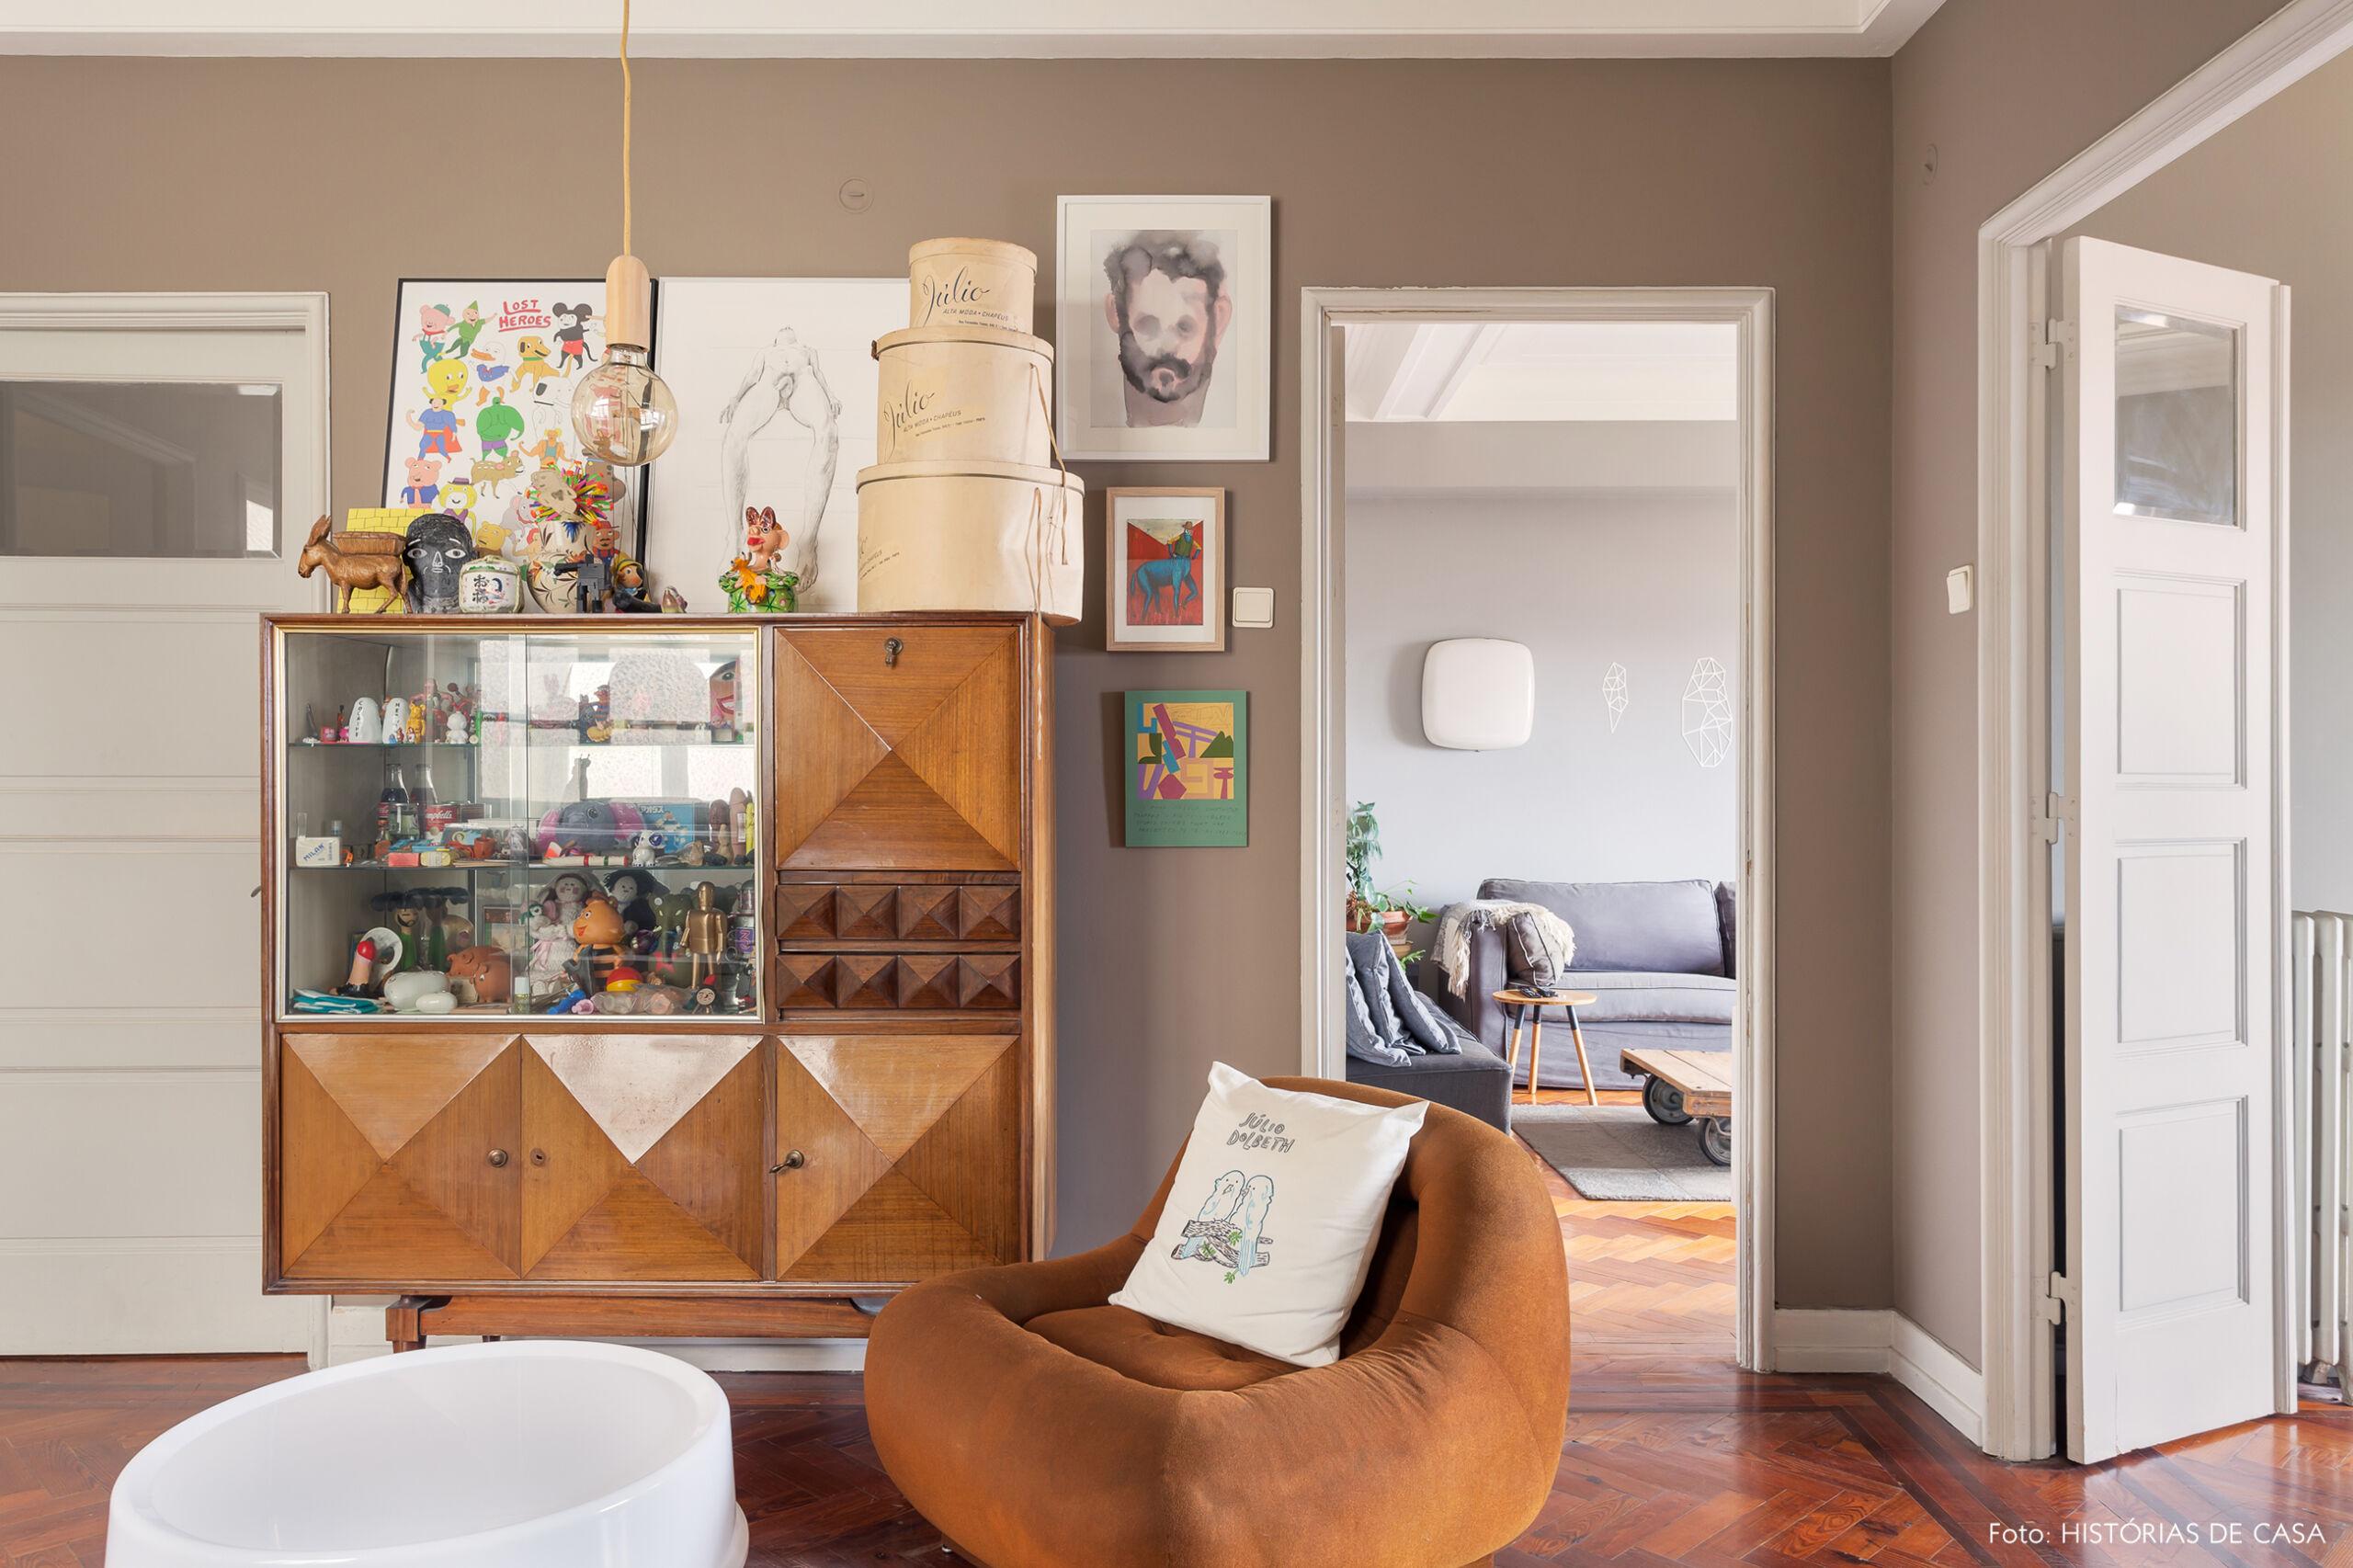 Armário vintage com coleções em apartamento antigo